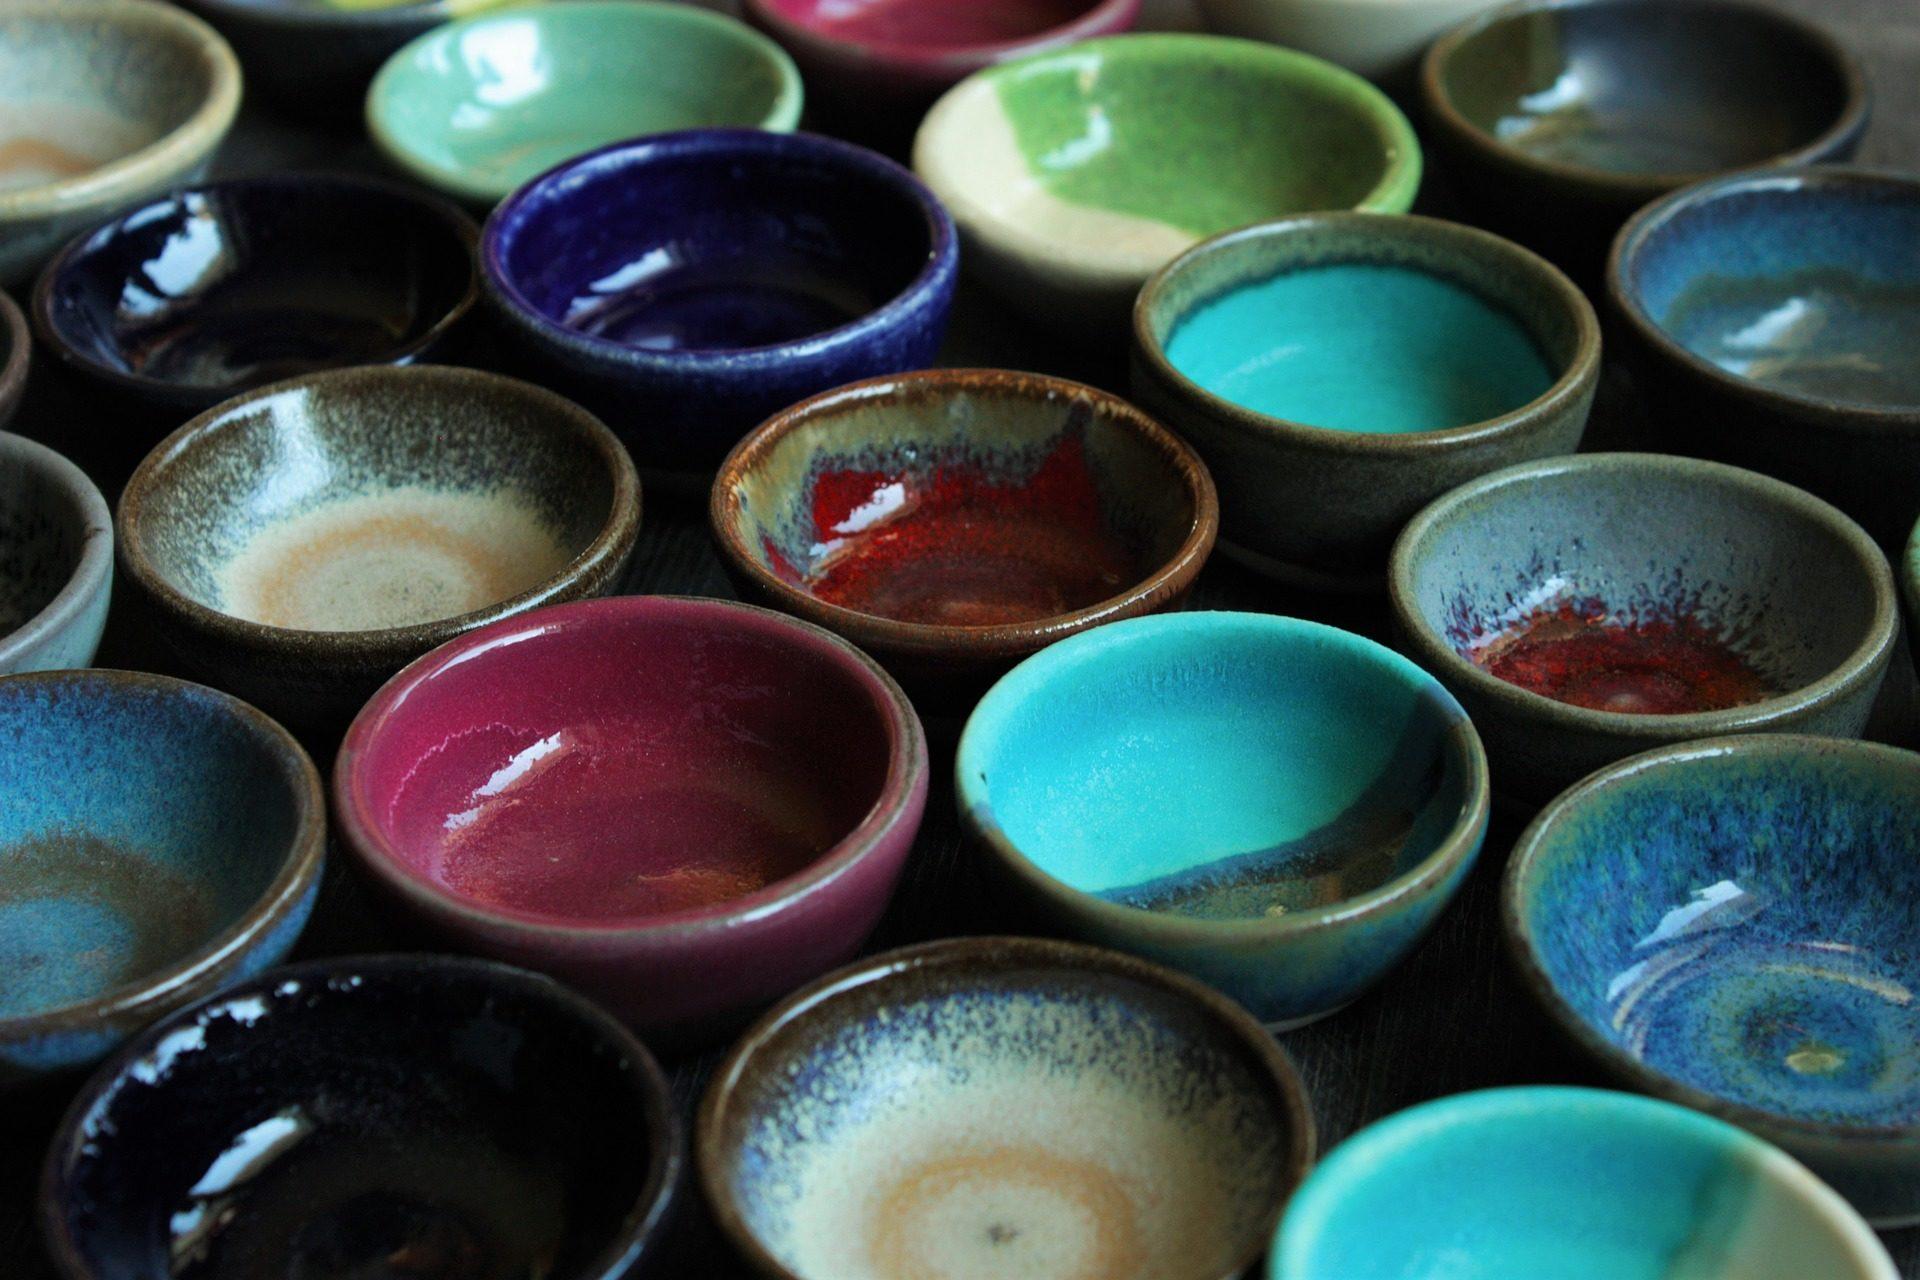 cuencos, cerámica, artesanía, colorido, decorativo - Fondos de Pantalla HD - professor-falken.com